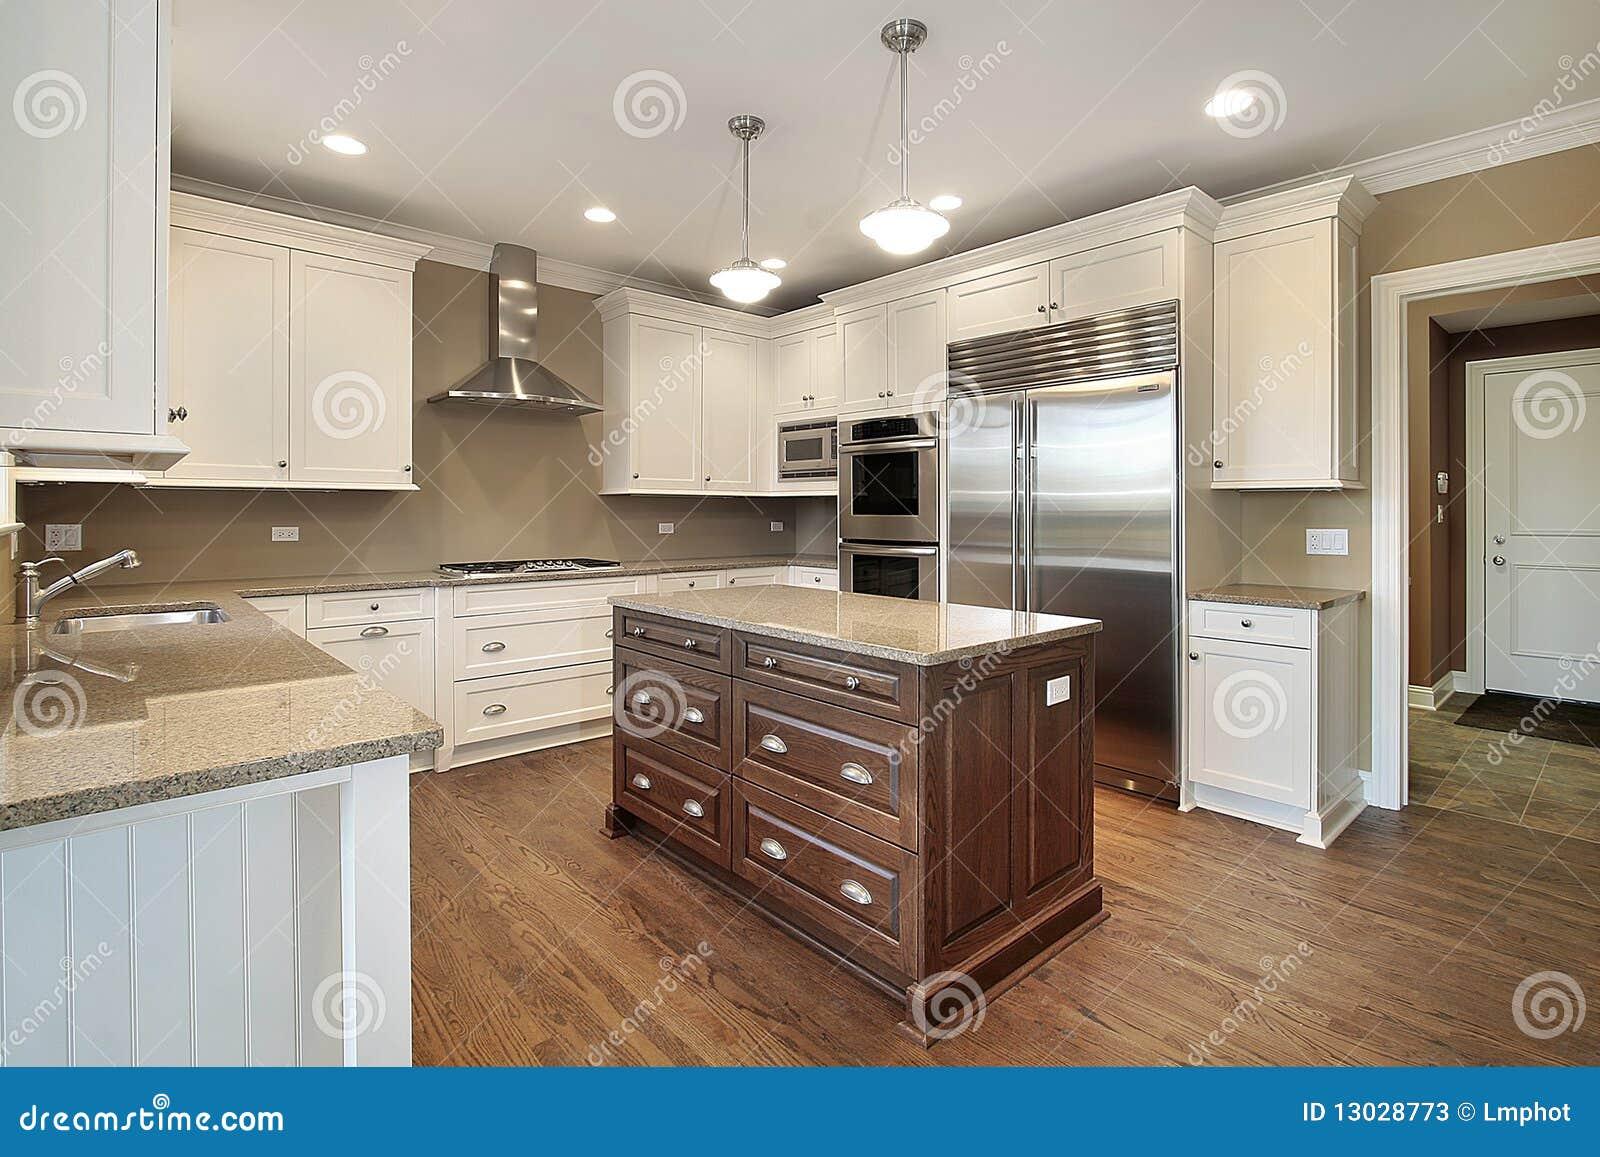 Küche mit Mittelinsel stockbild. Bild von zustand, möbel - 13028773